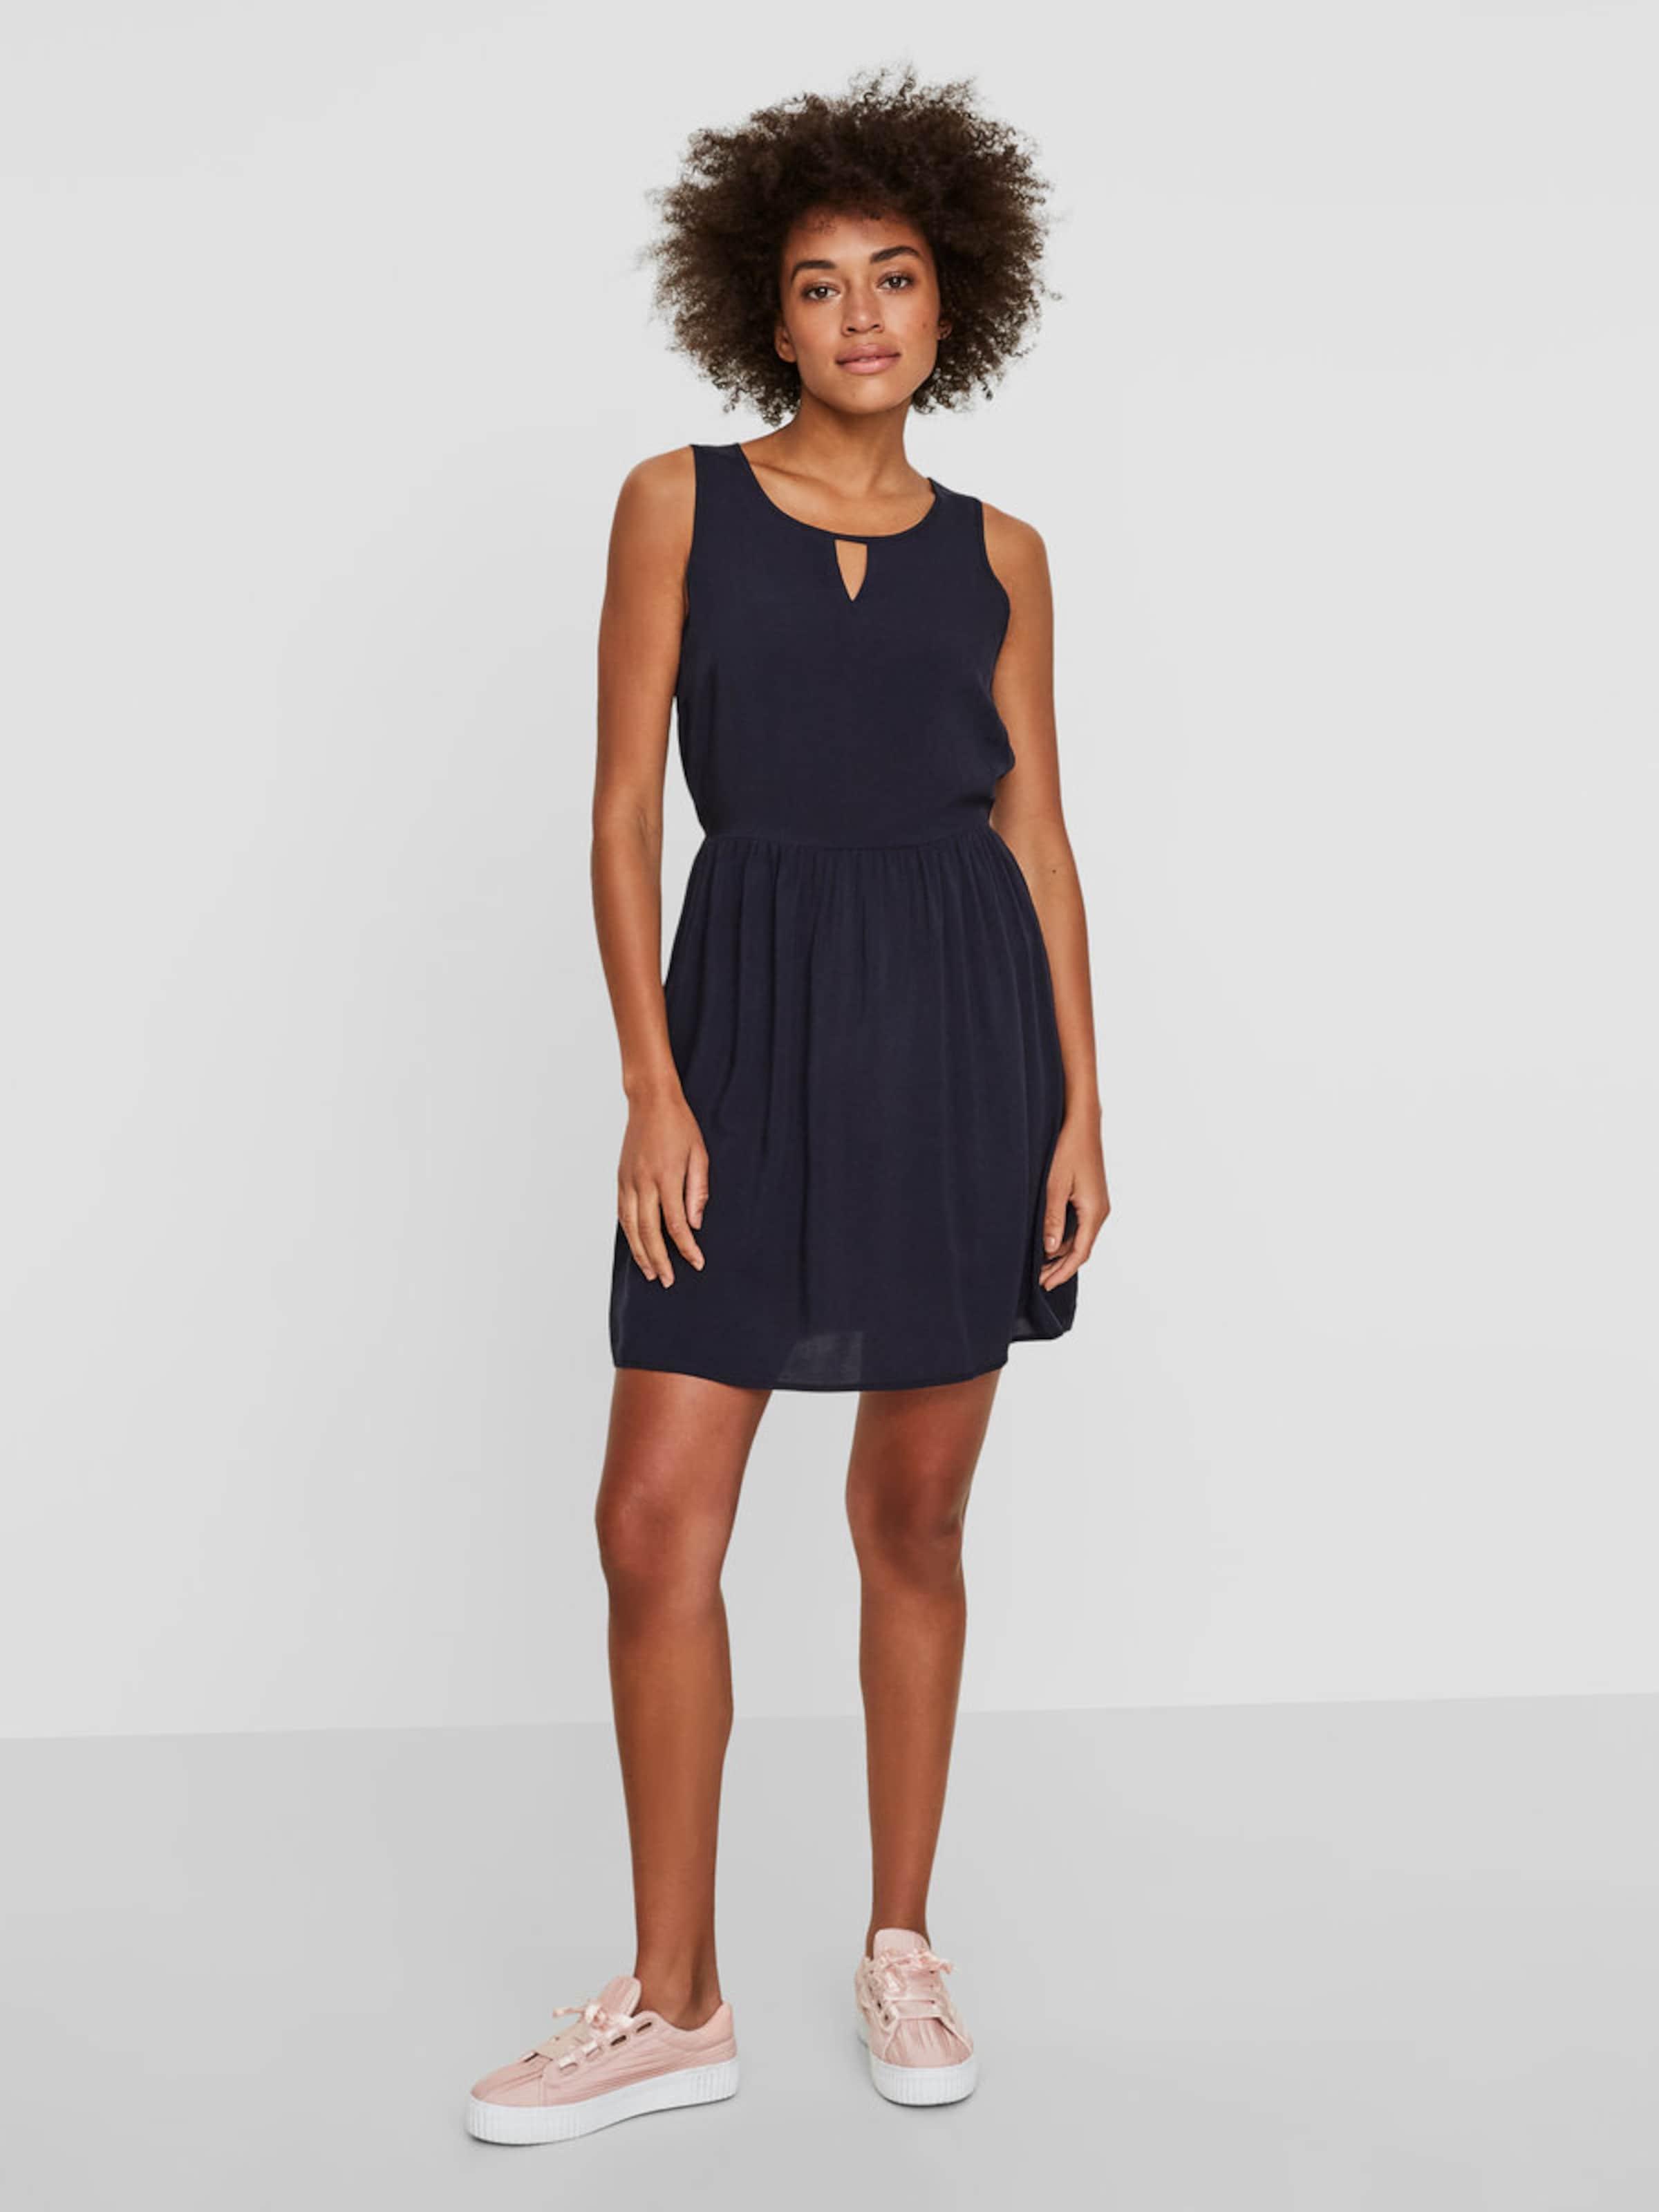 VERO MODA Feminines Kleid ohne Ärmel Günstig Kaufen Visum Zahlung Besonders Günstig Kaufen Angebote yMR30